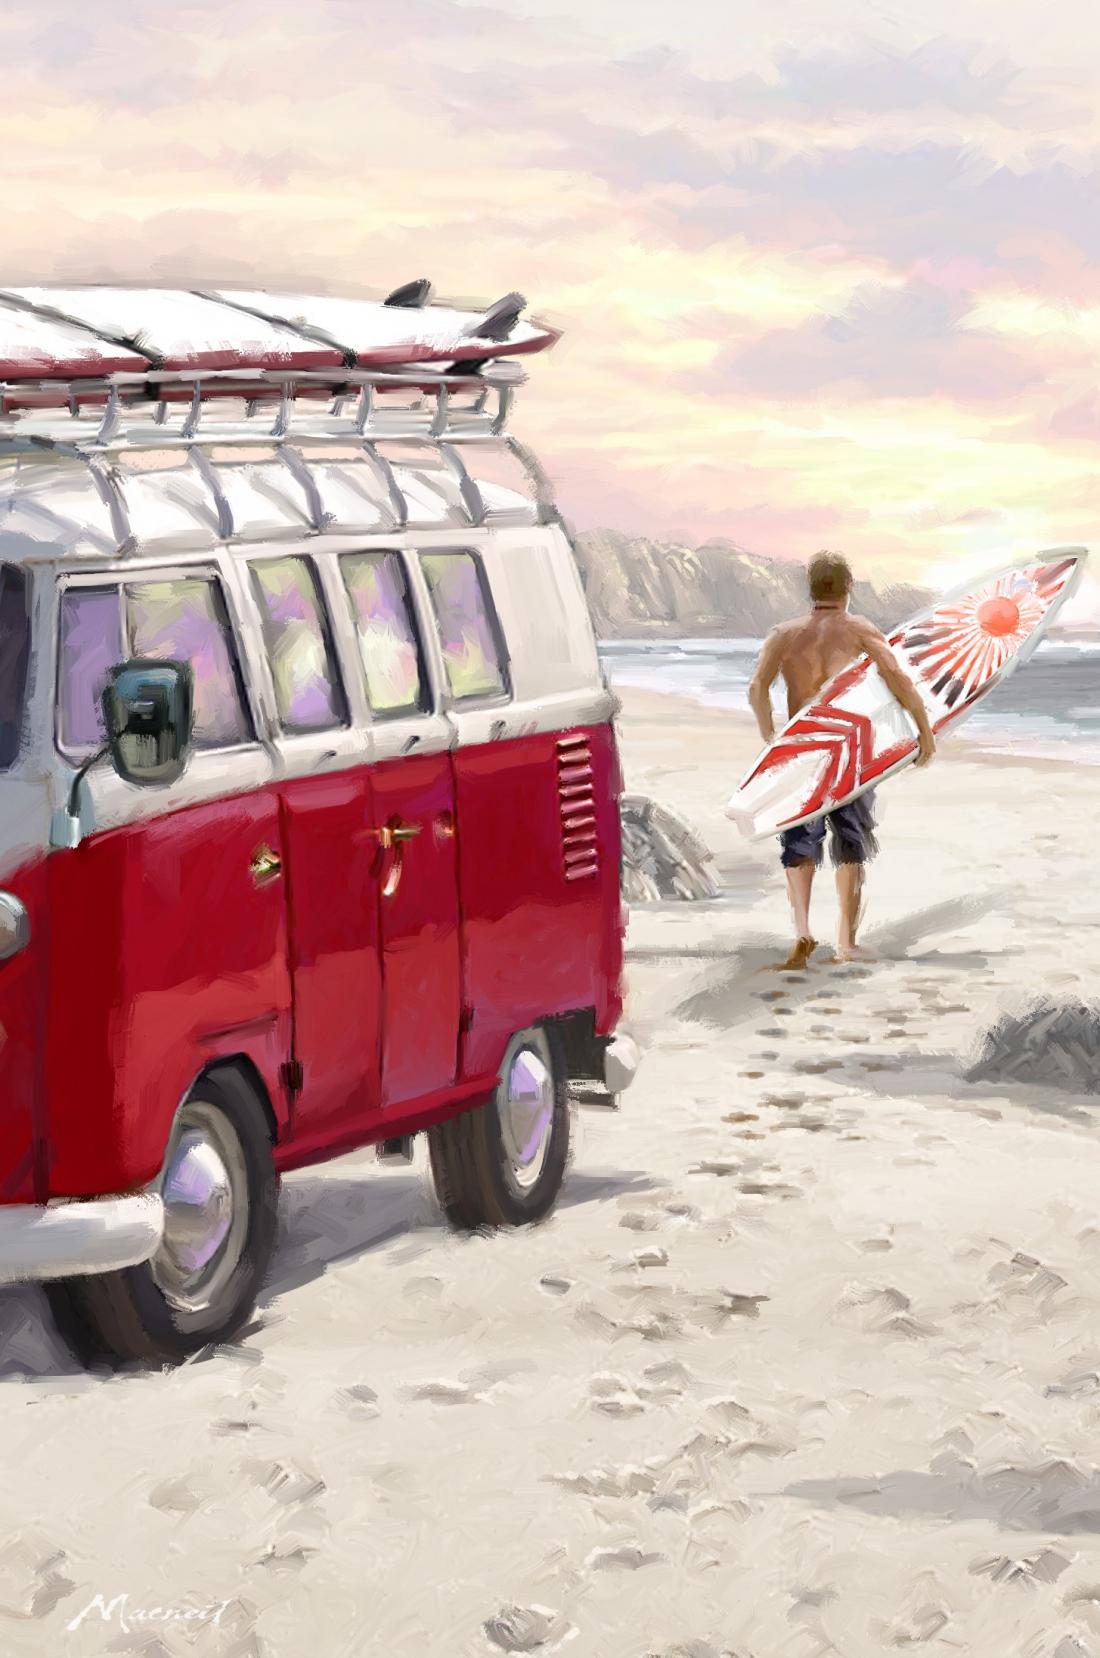 Surfer met volkswagen busje 100x75